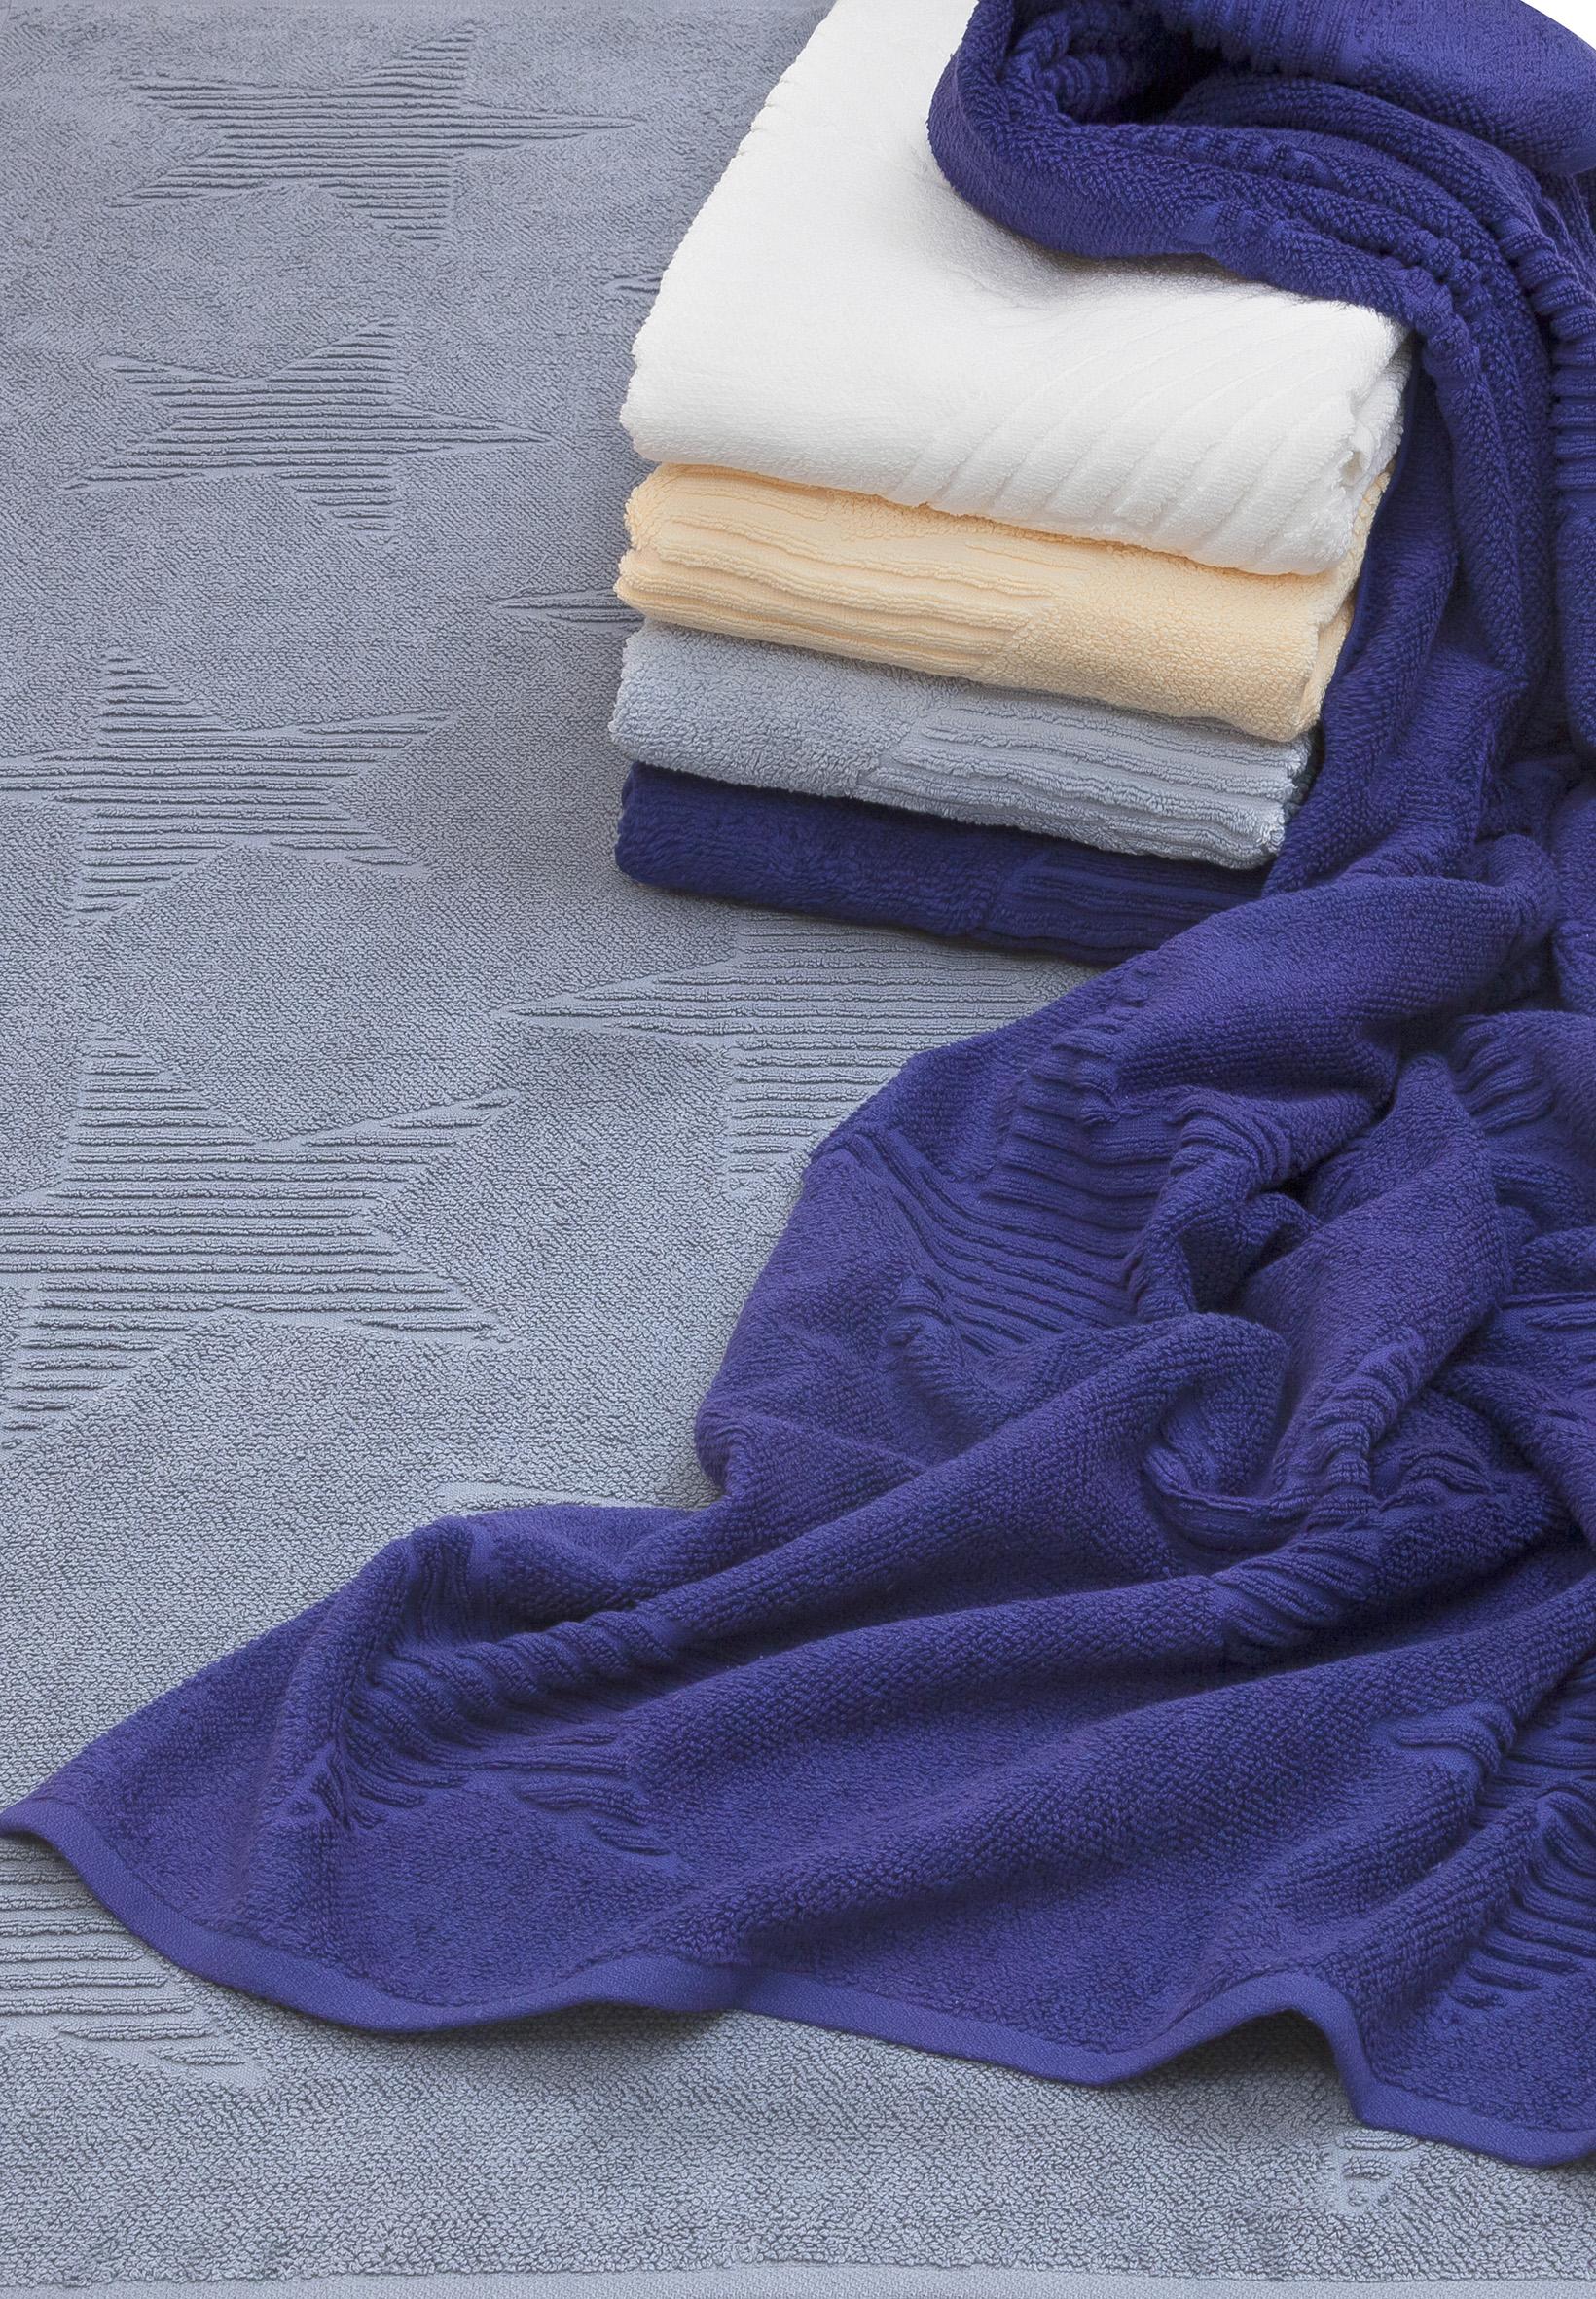 a90074aef1908c Handtuch Gluecksstern Bad Neuheiten Klassik Herka-Frottier Baumwolle  Frottee cotton terry towel bath news Made